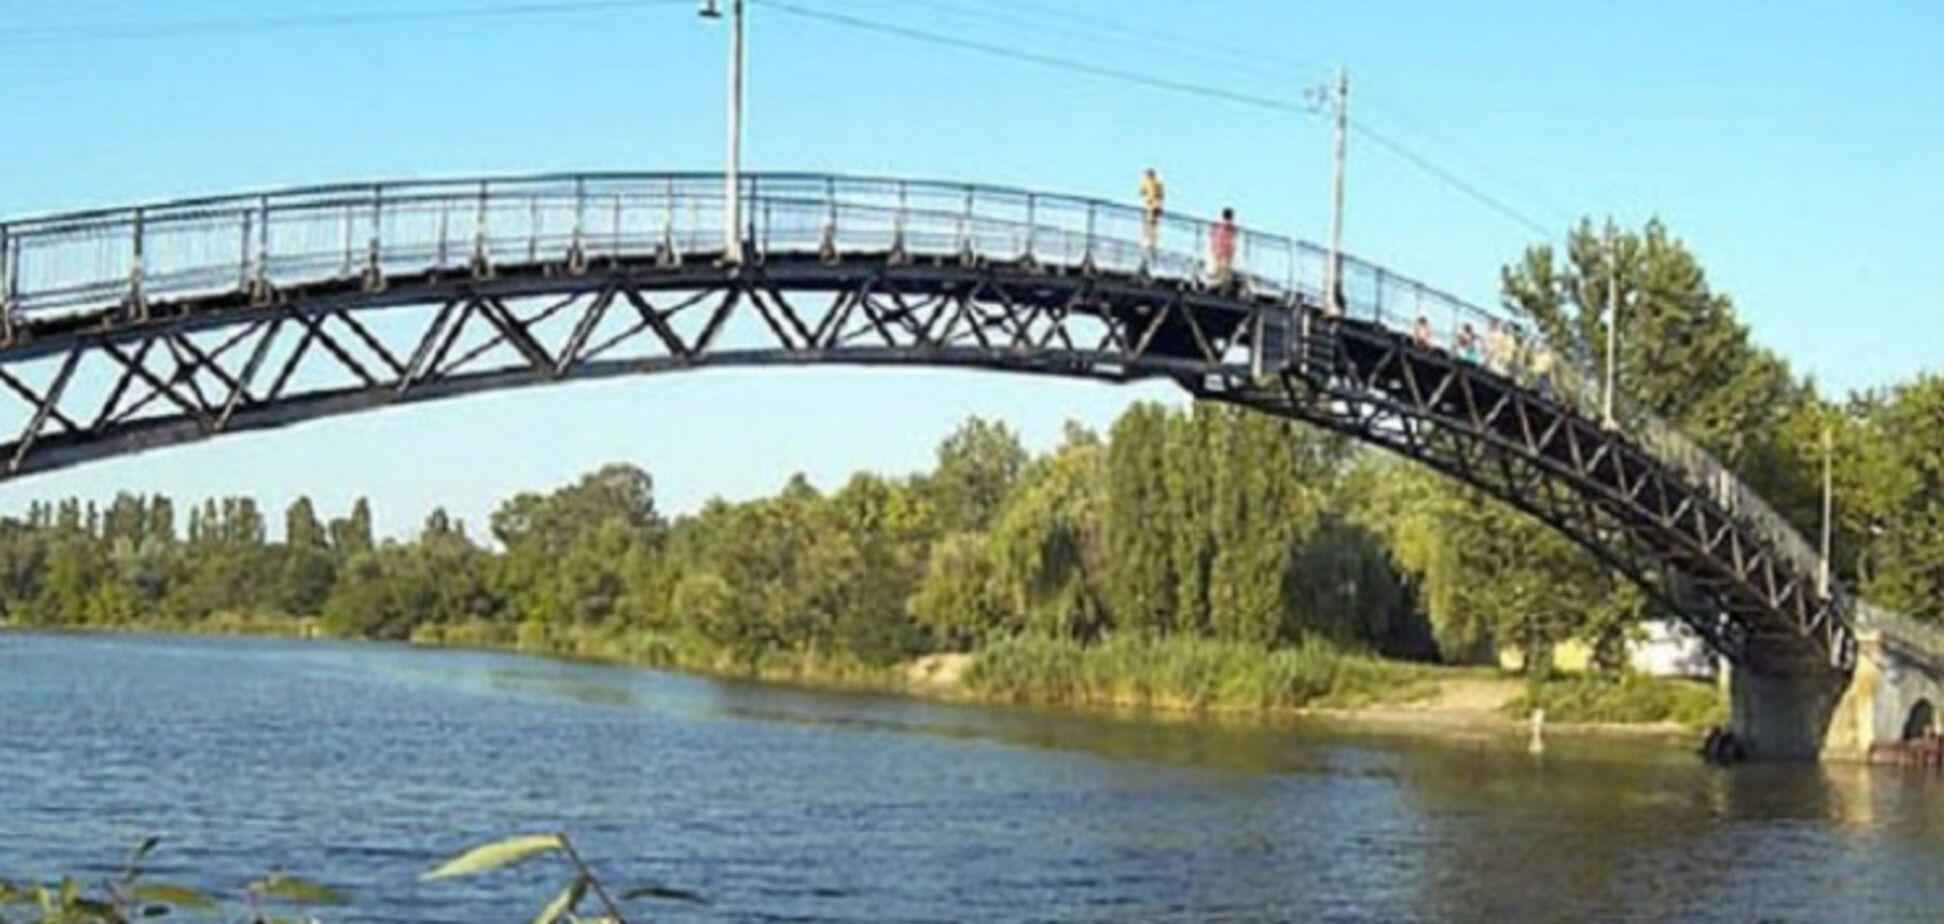 Під Дніпром джип катався по аварійному 'горбатому' пішохідному мосту. Відео